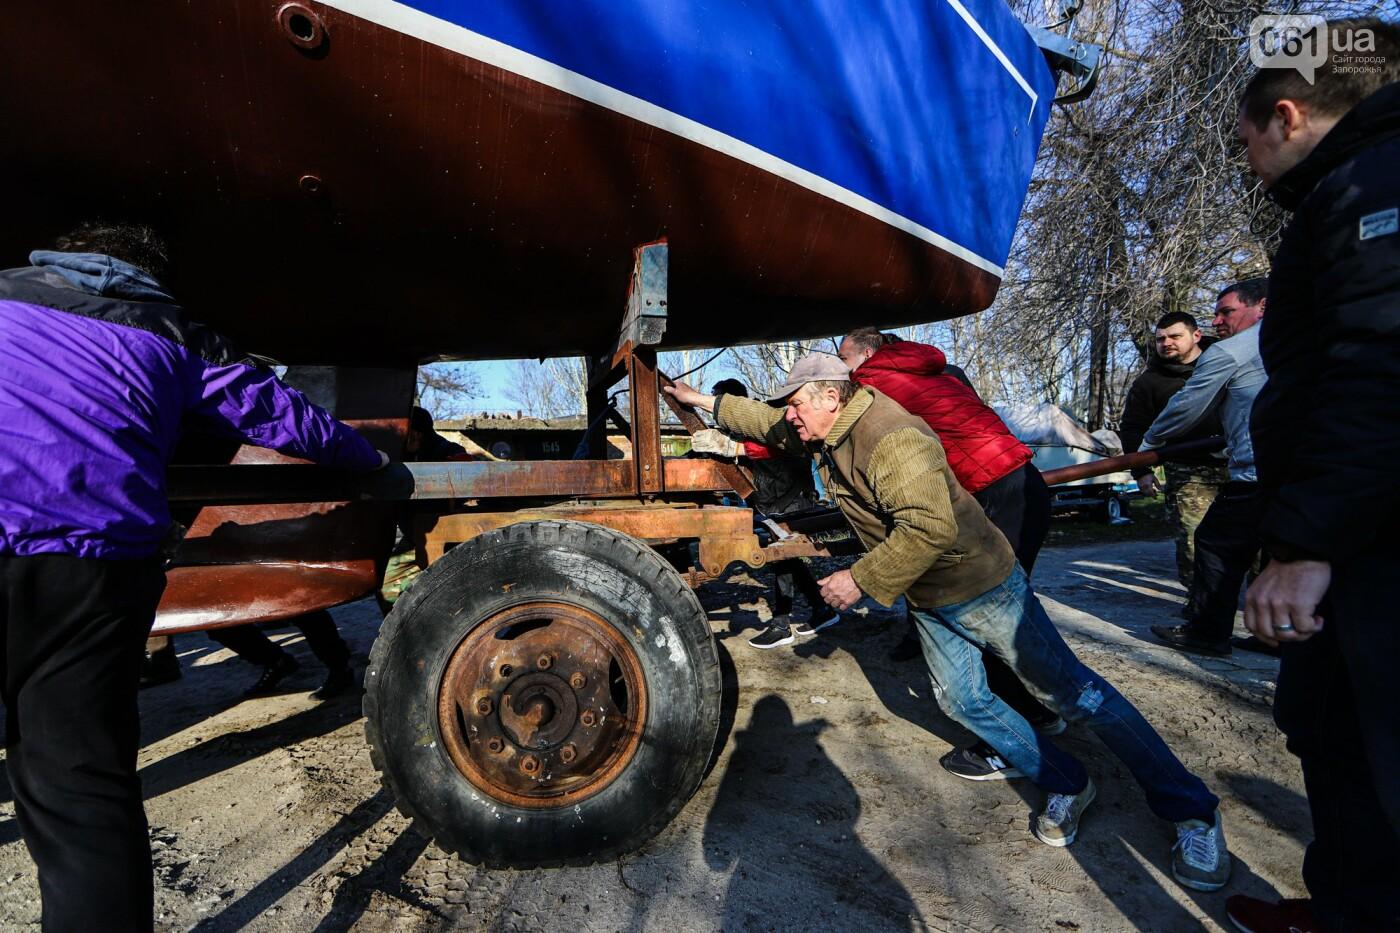 «Семь футов под килем!»: как в запорожском яхт-клубе спускали судна на воду, - ФОТОРЕПОРТАЖ , фото-7